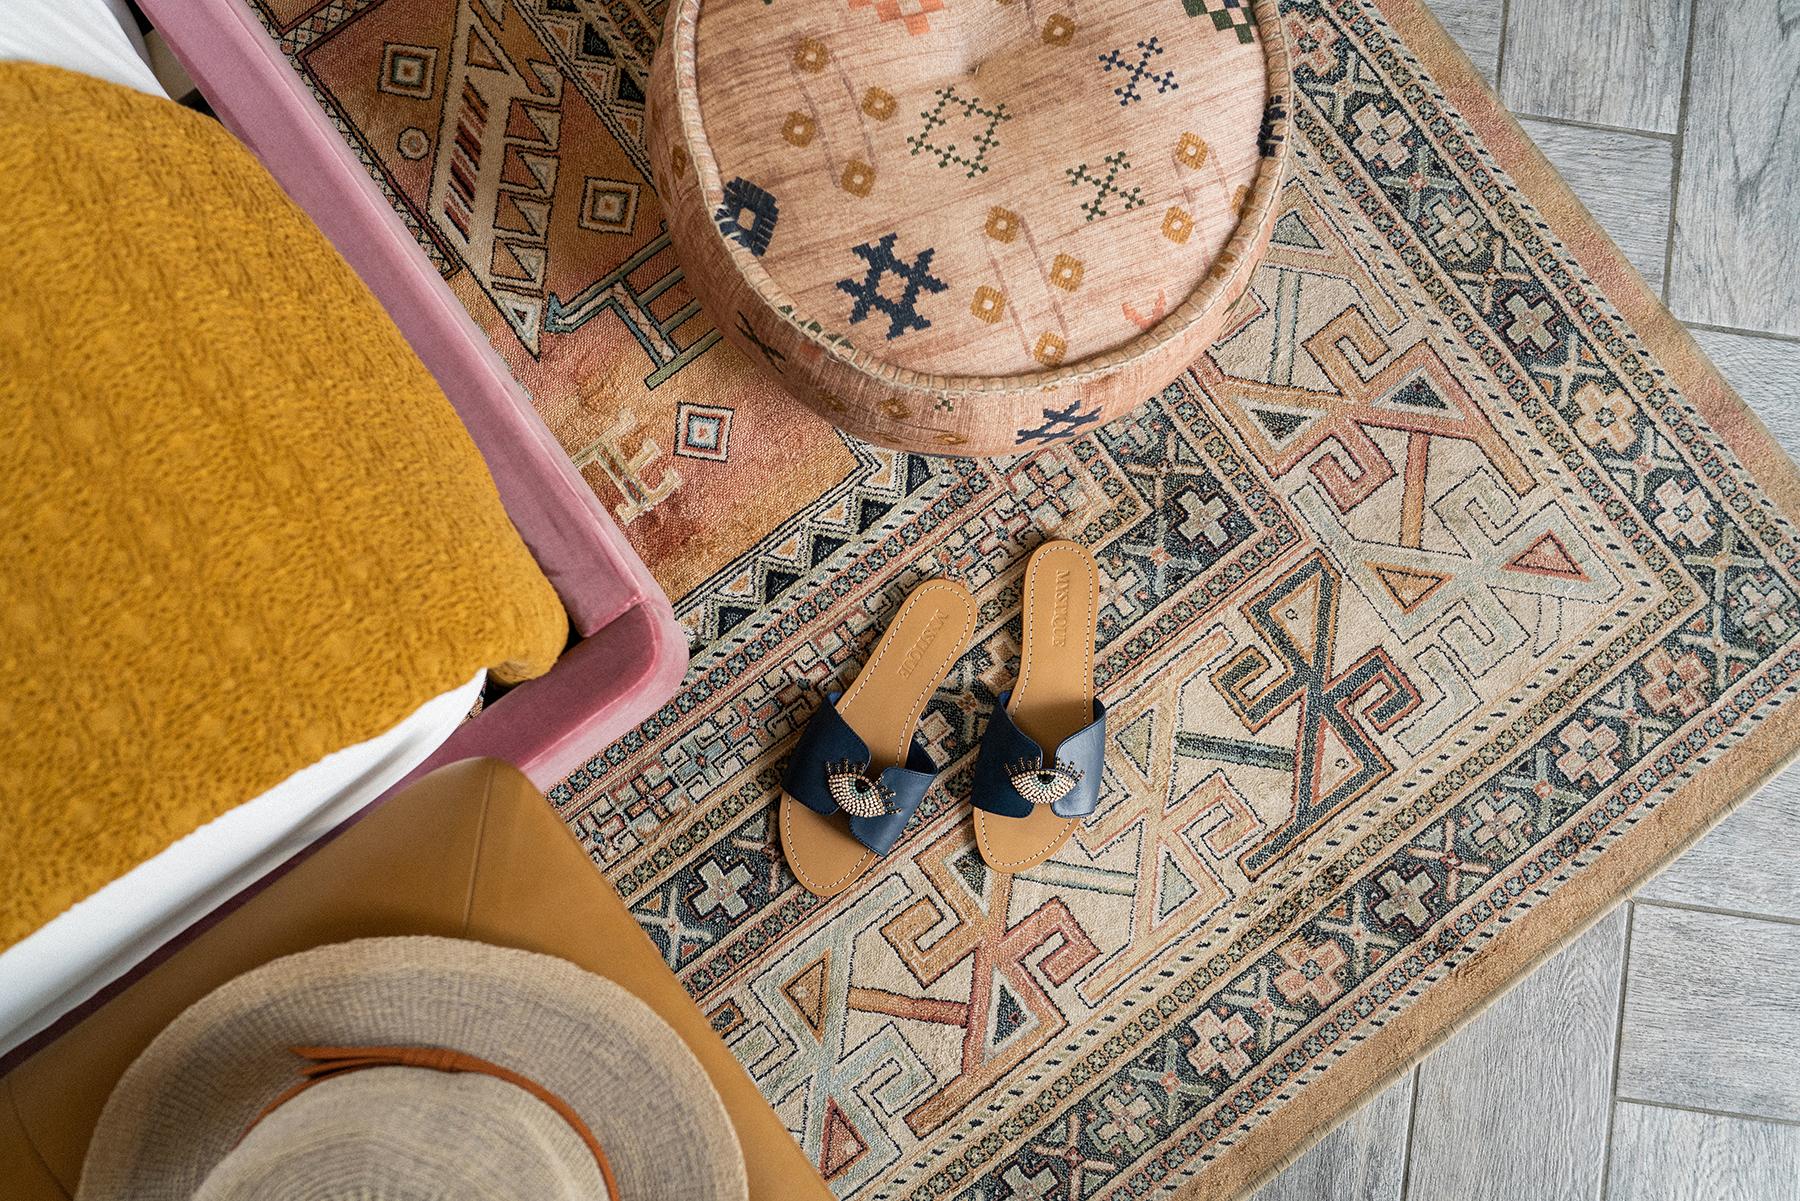 sandals on guest room floor